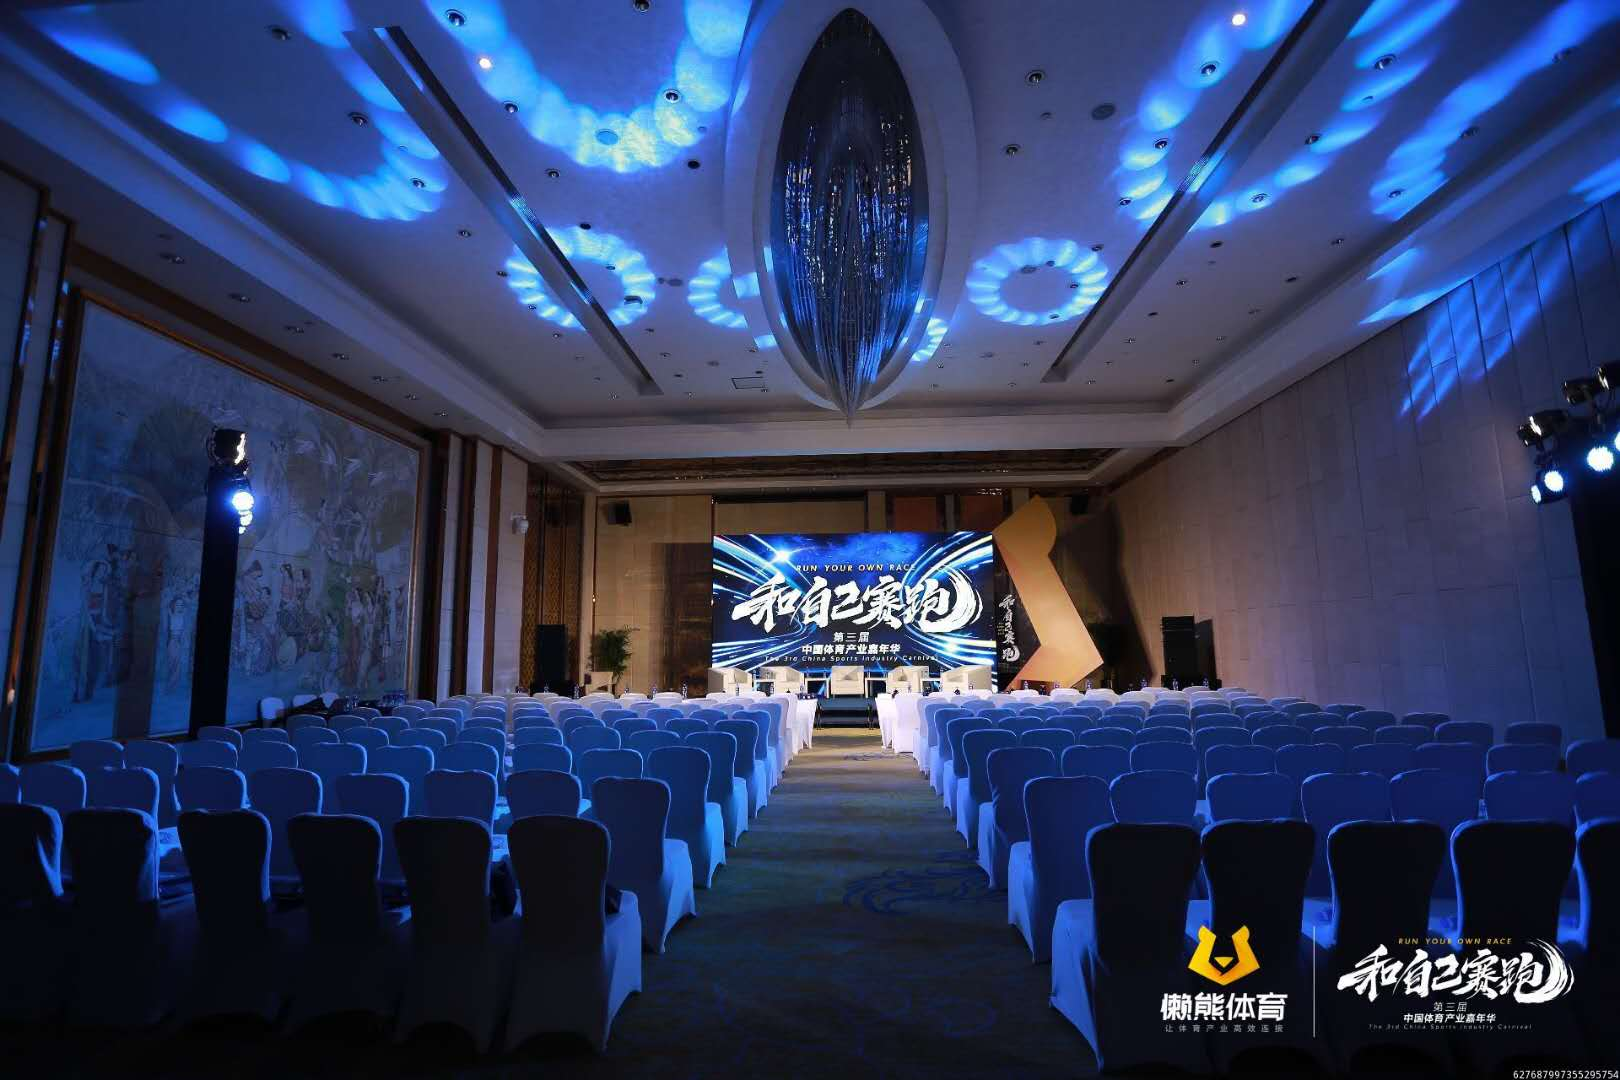 第三届中国体育产业嘉年华 | 分会场图集